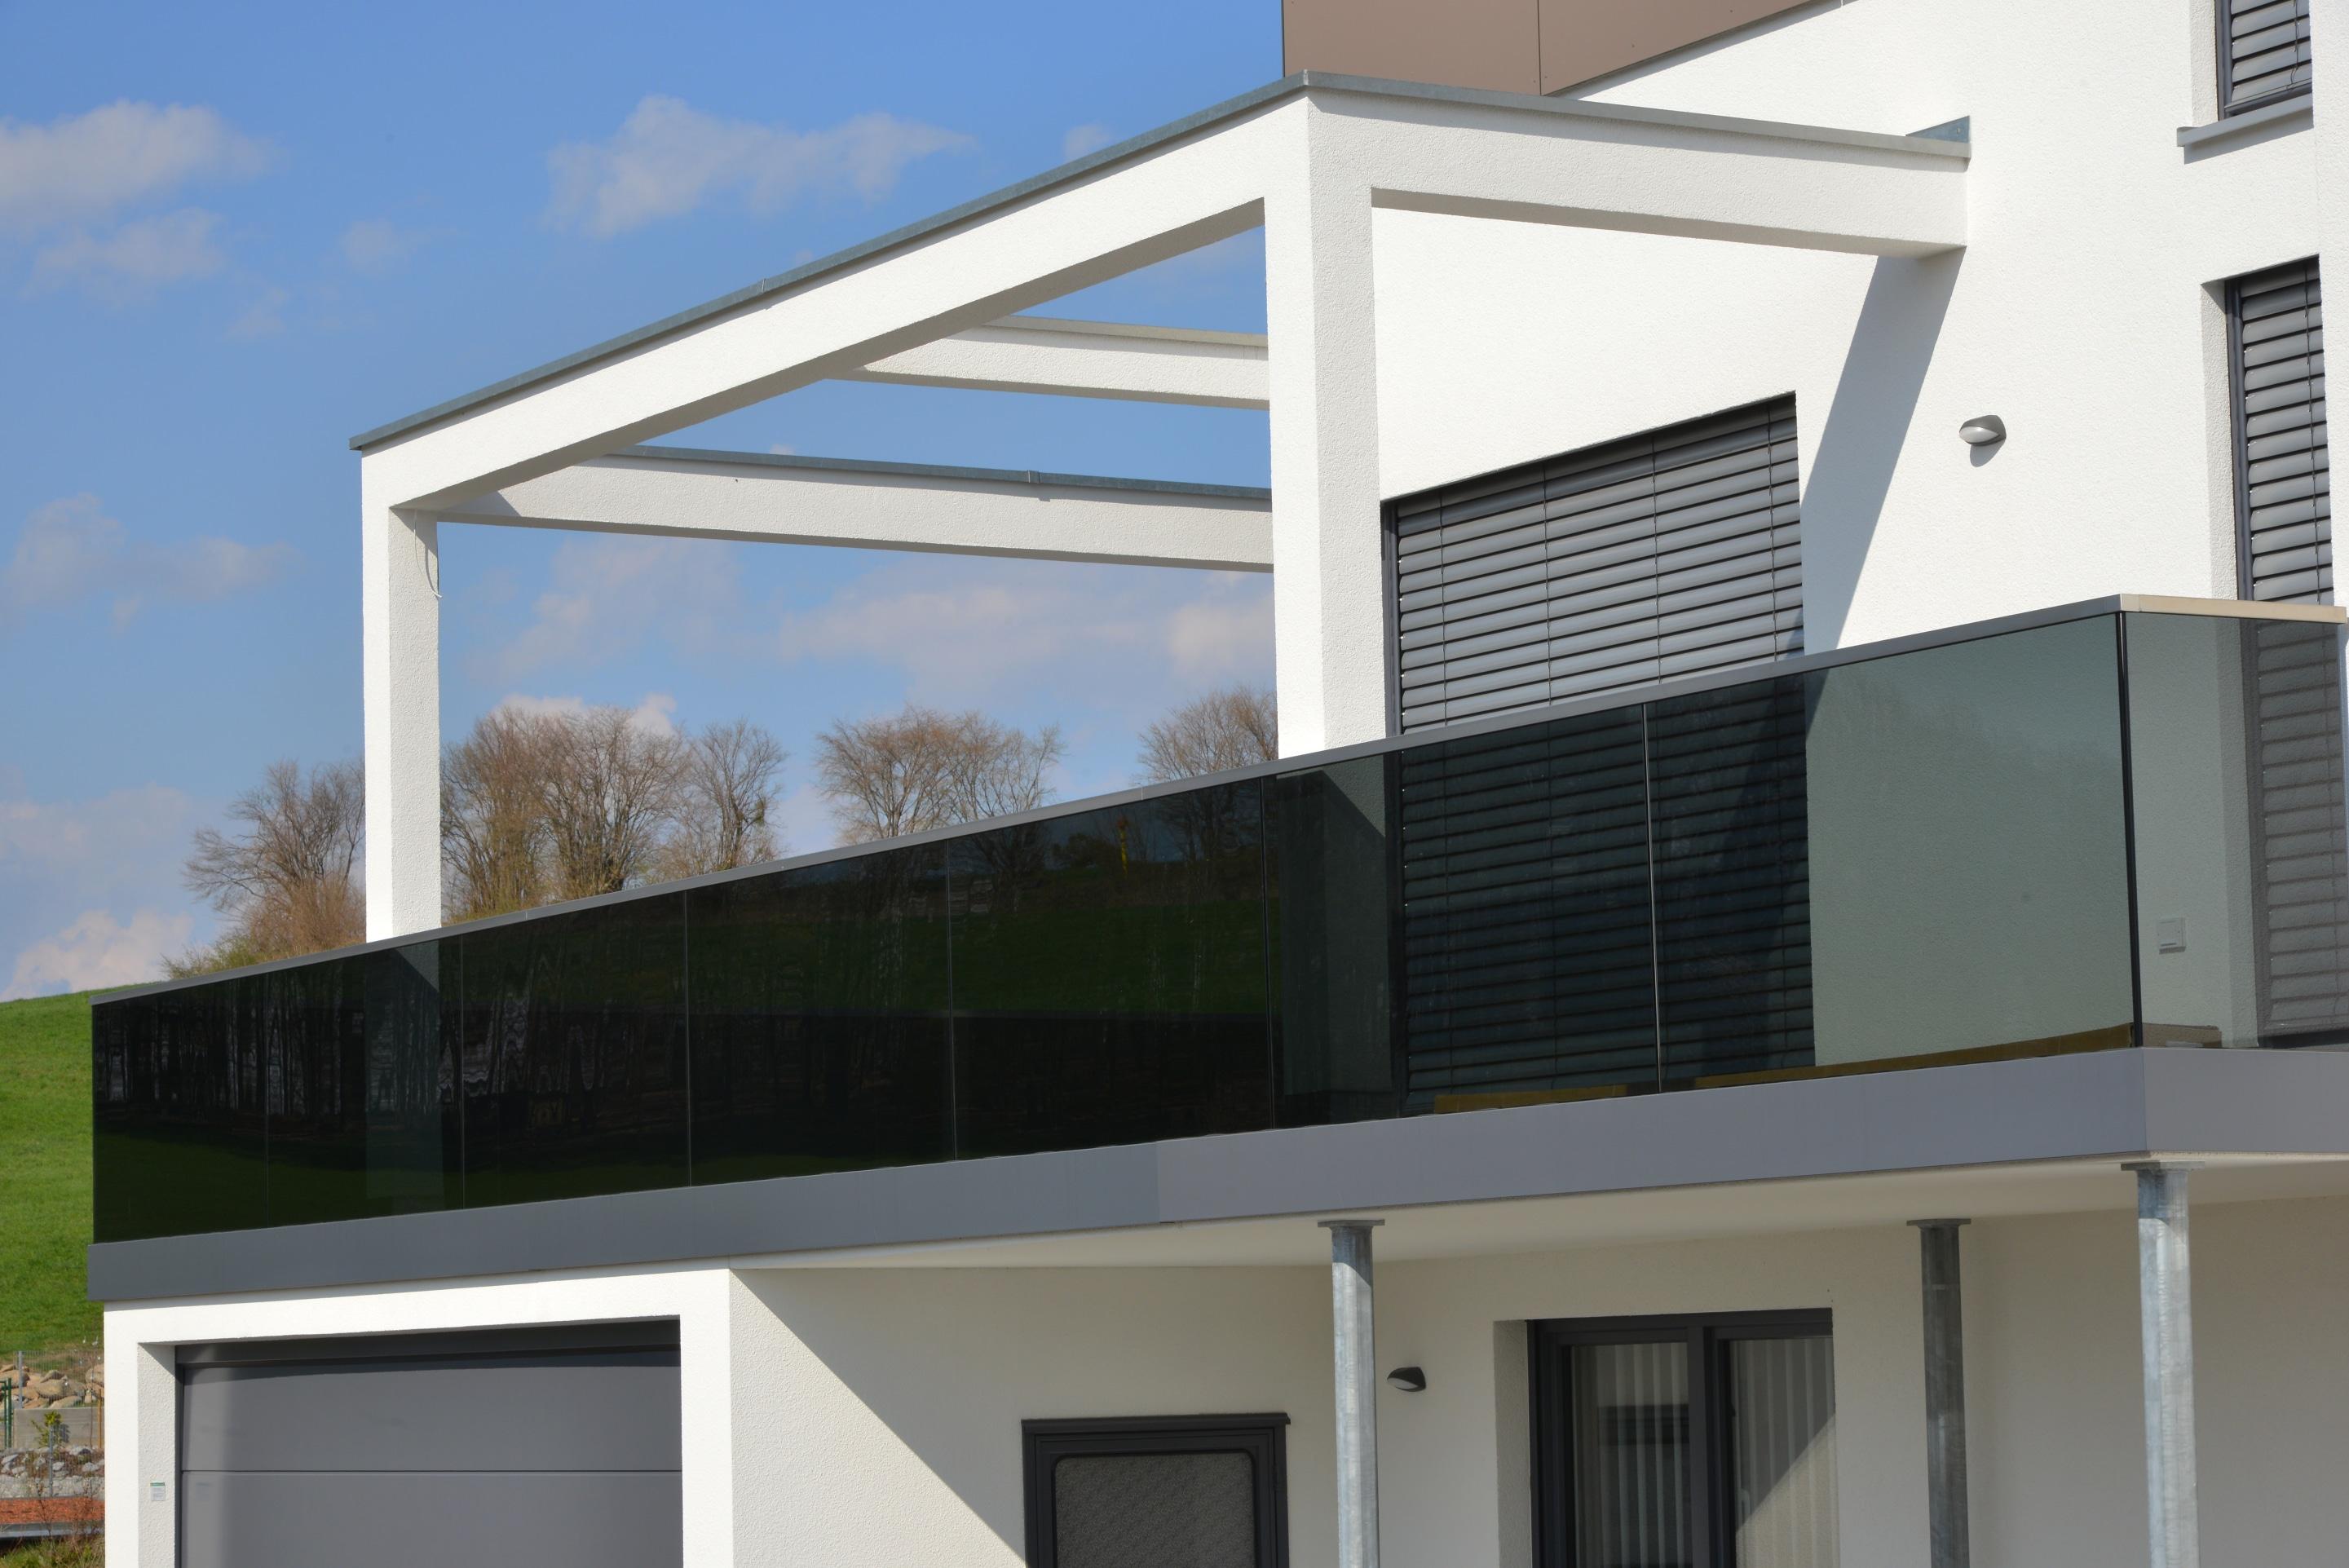 Terrasse Surélevée En Acier prix d'une terrasse suspendue